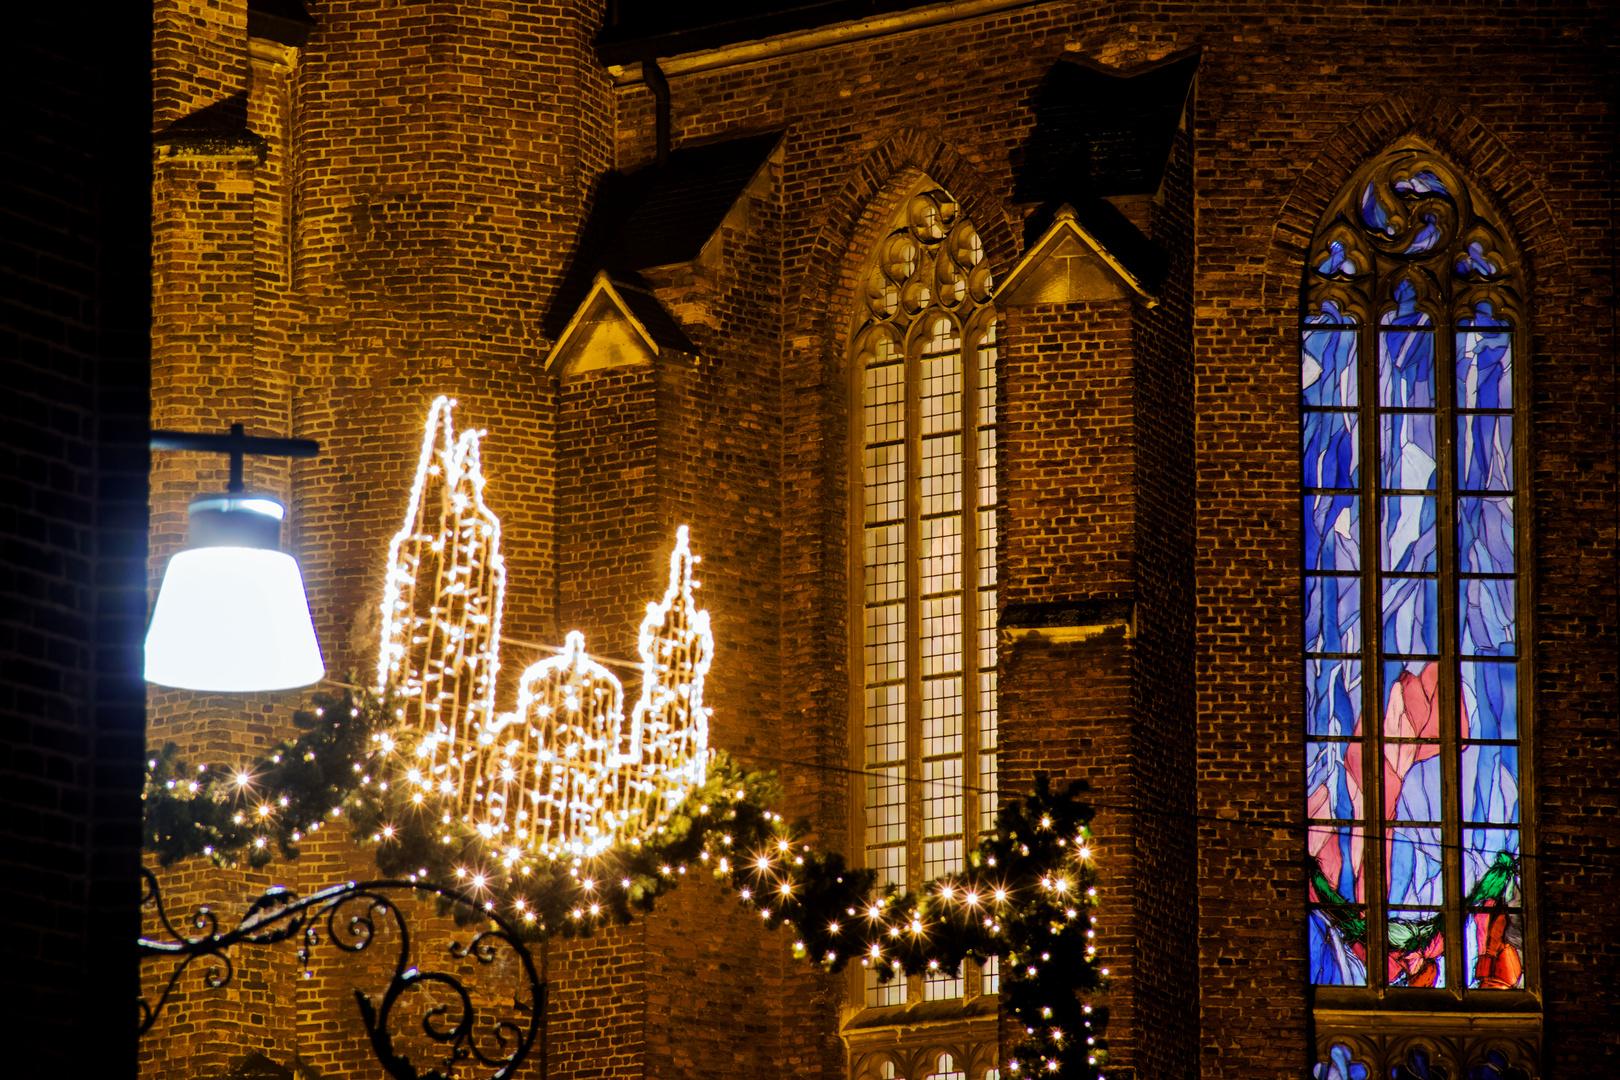 Frohe Weihnachten und einen schönen 4. Advent